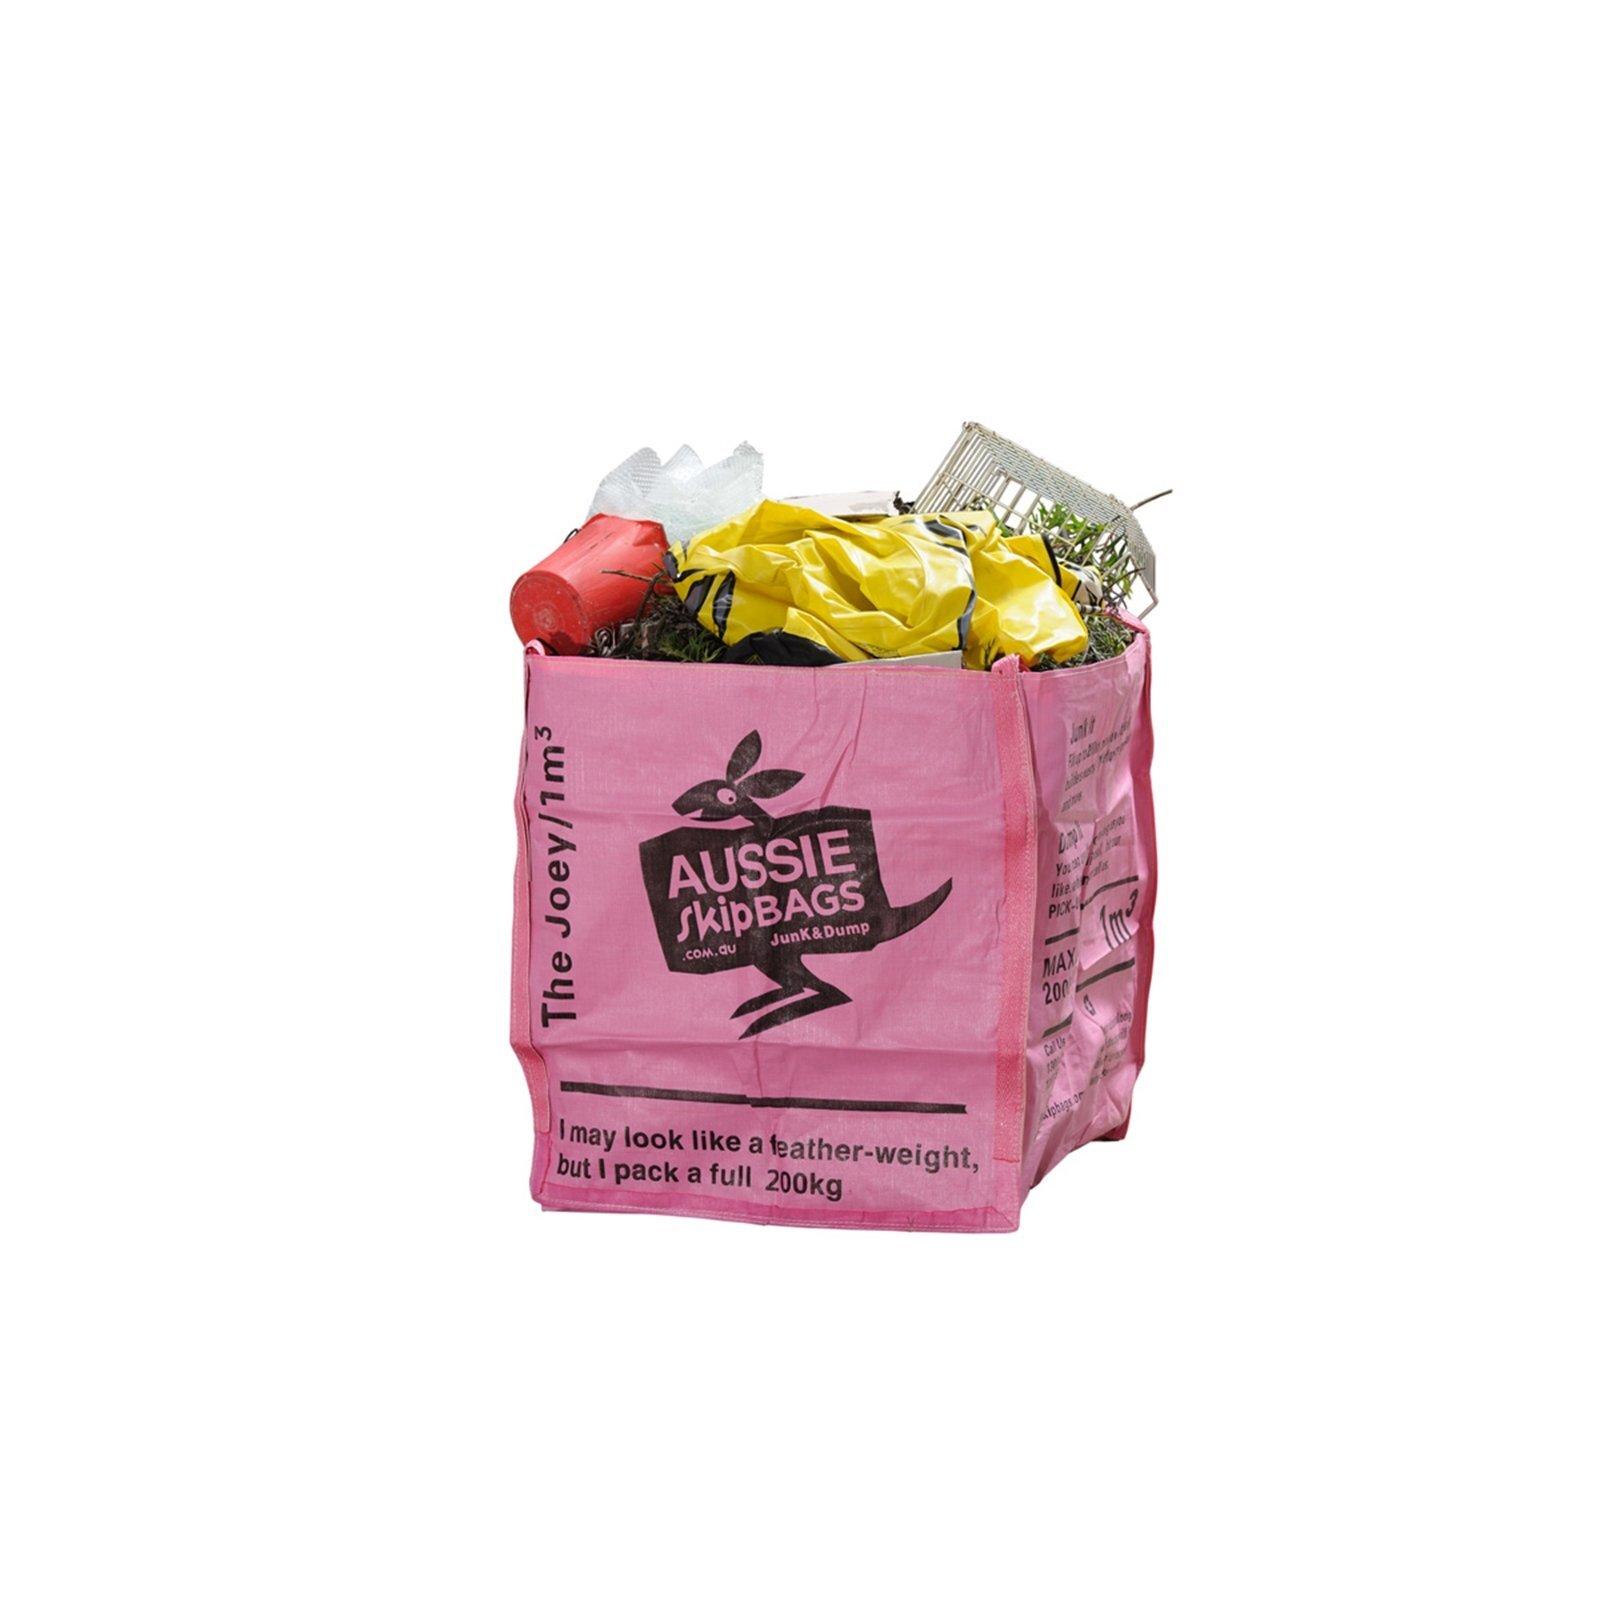 Aussie Skip Bag 1 x 1 x 1m  Disposable Bag - The Joey 200kg Max